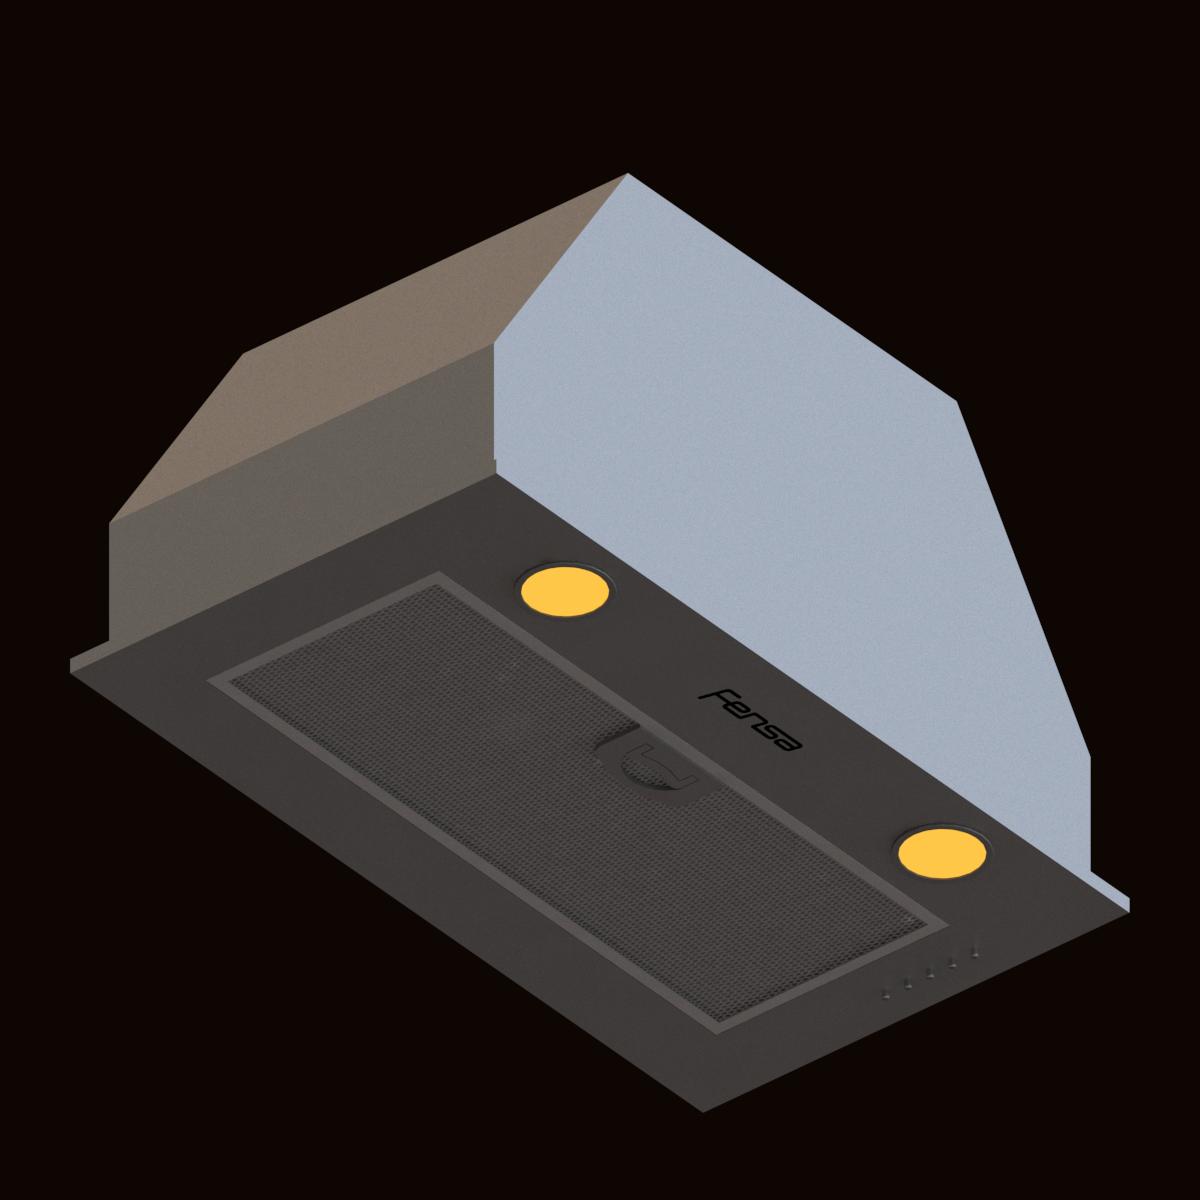 Campana integrada FX 5200 Fensa en BIM